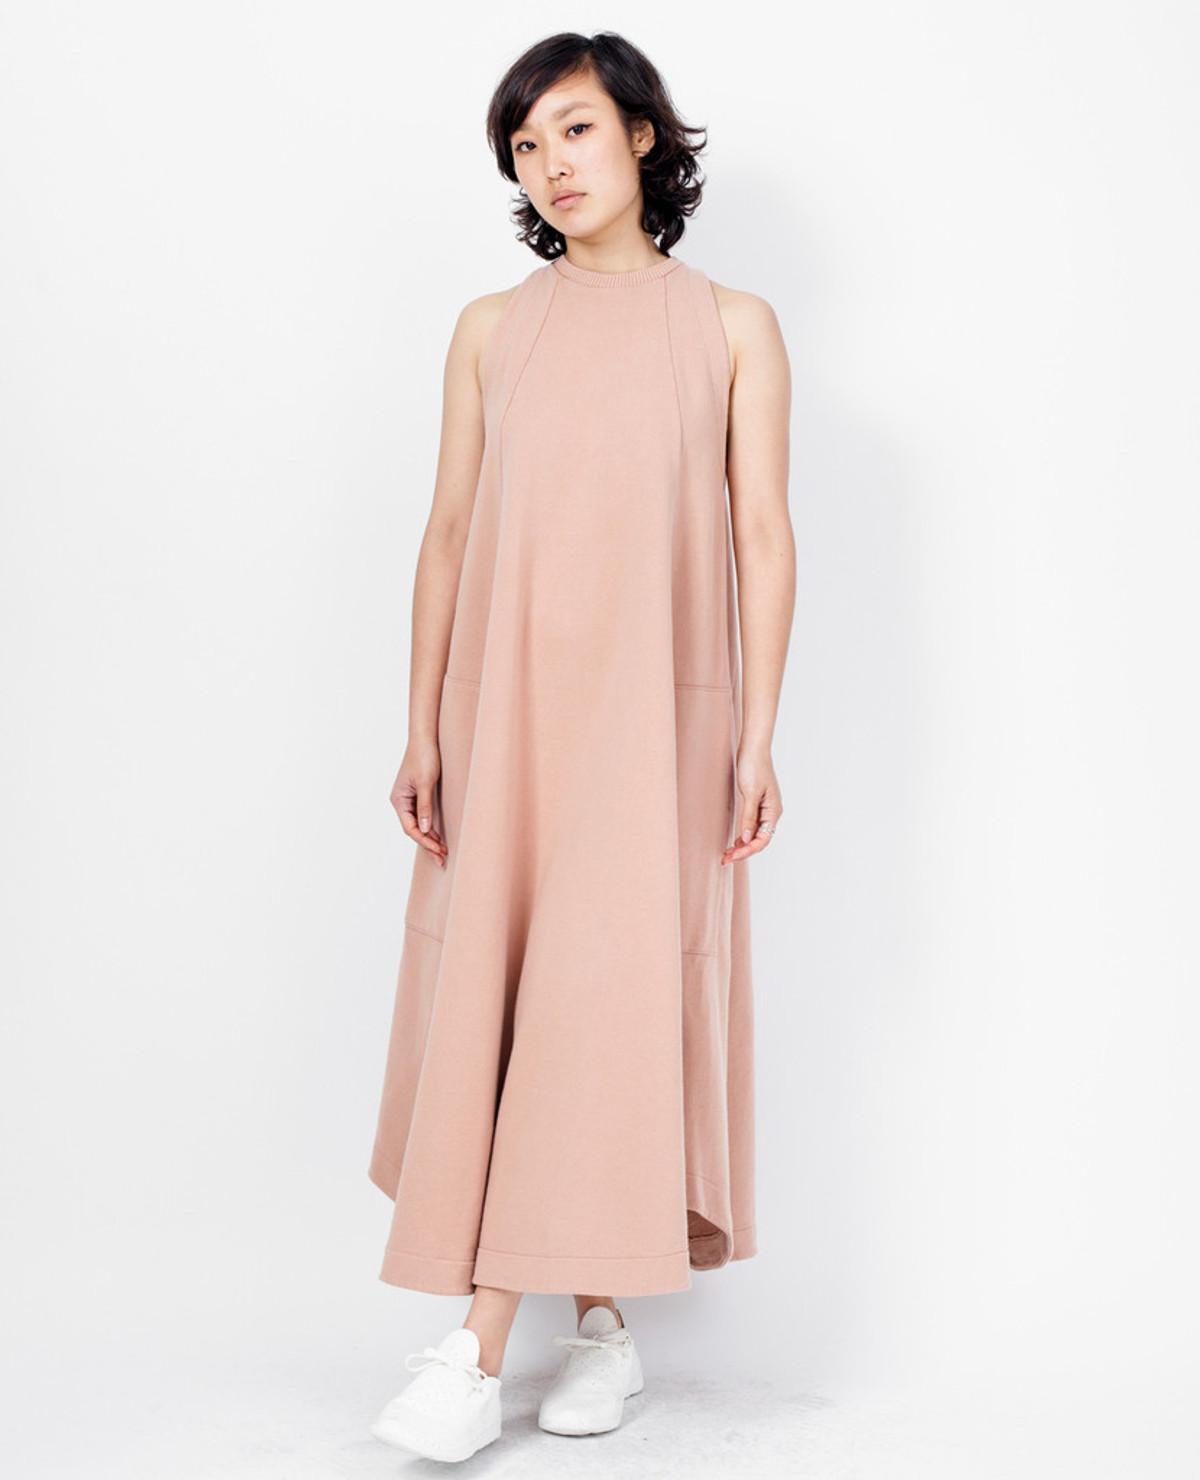 Louie Dress - Suntan